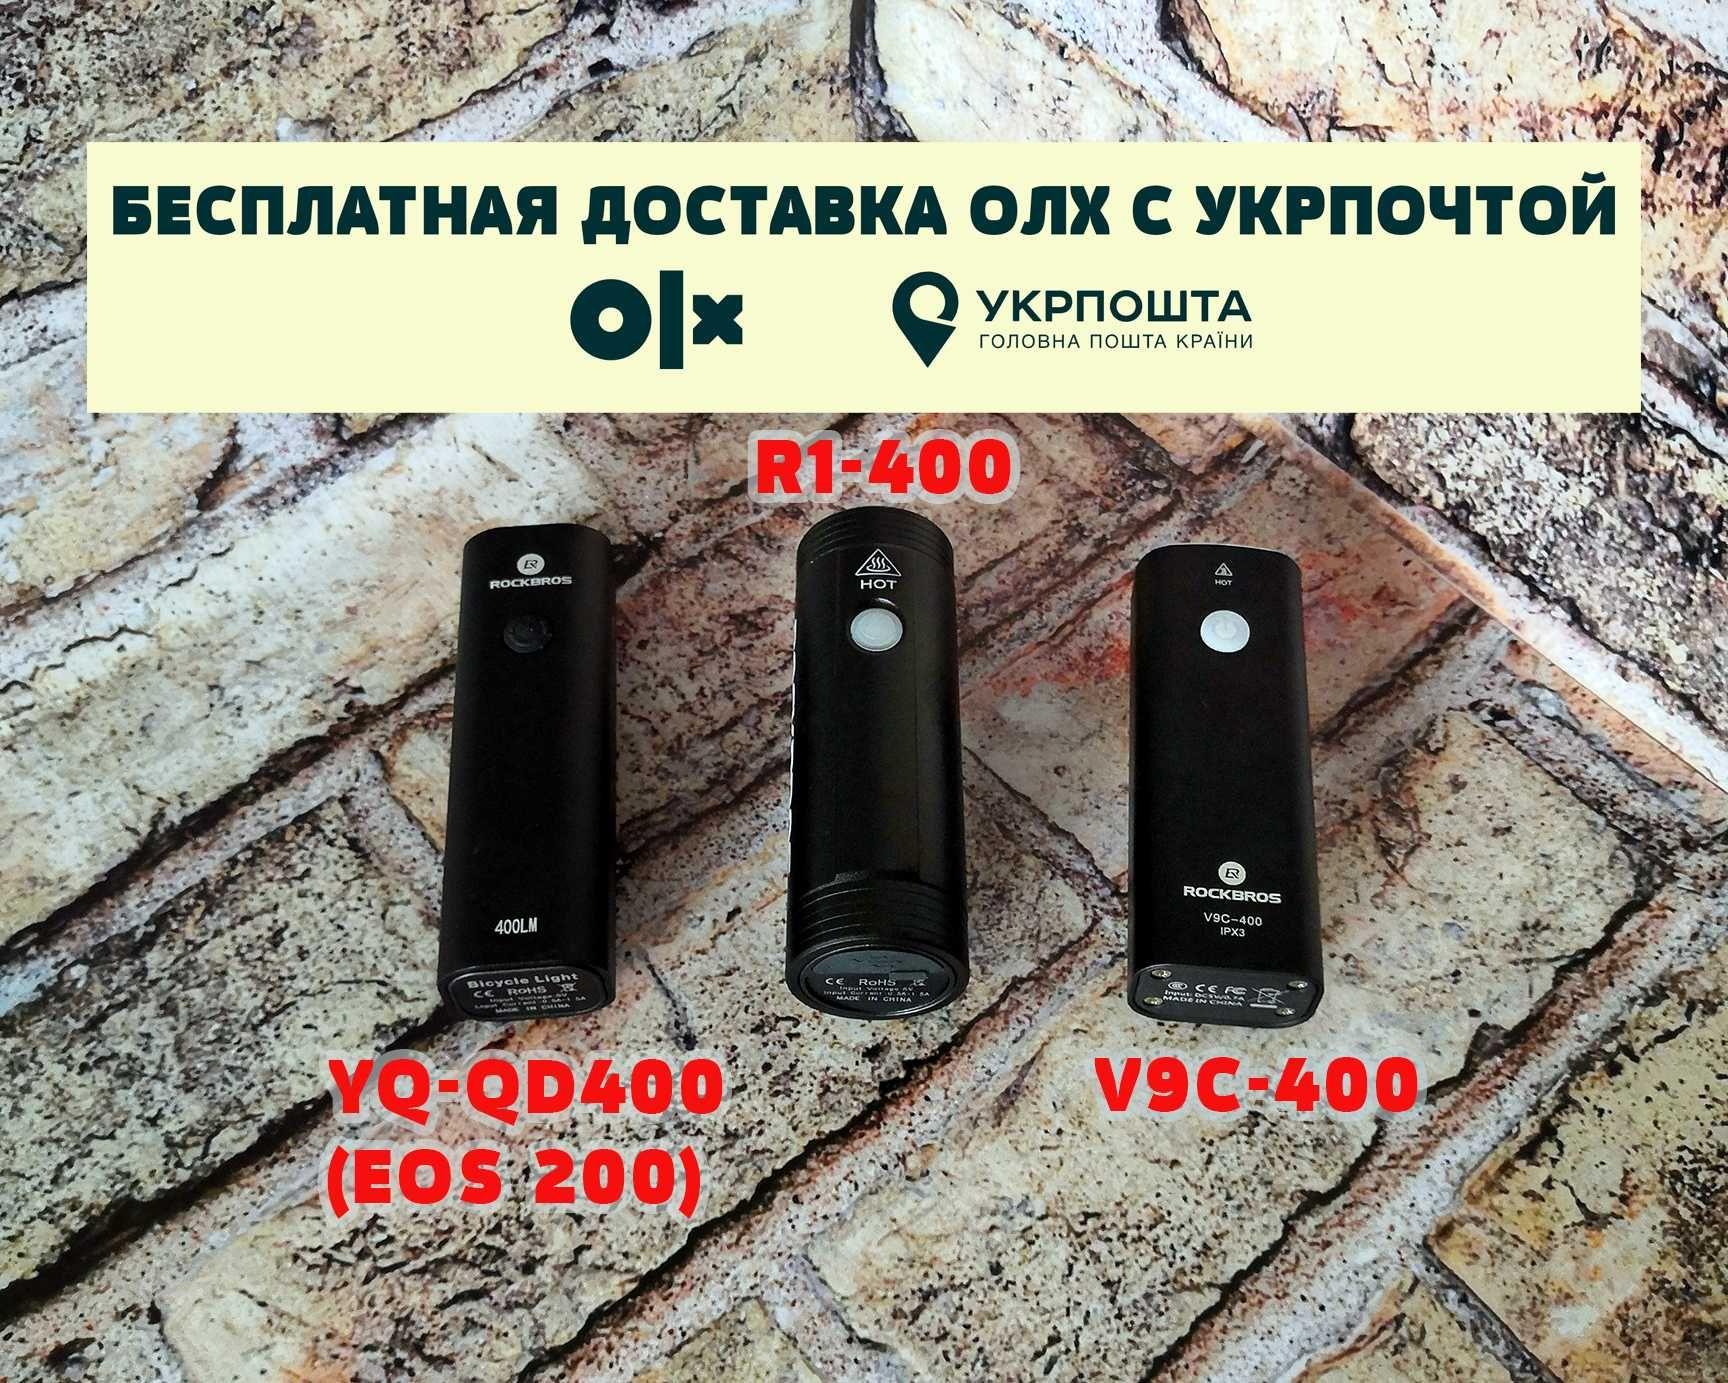 Велофара RockBros YQ-QD400 (EOS 200) R1-400 V9C-400  вело фонарь фара